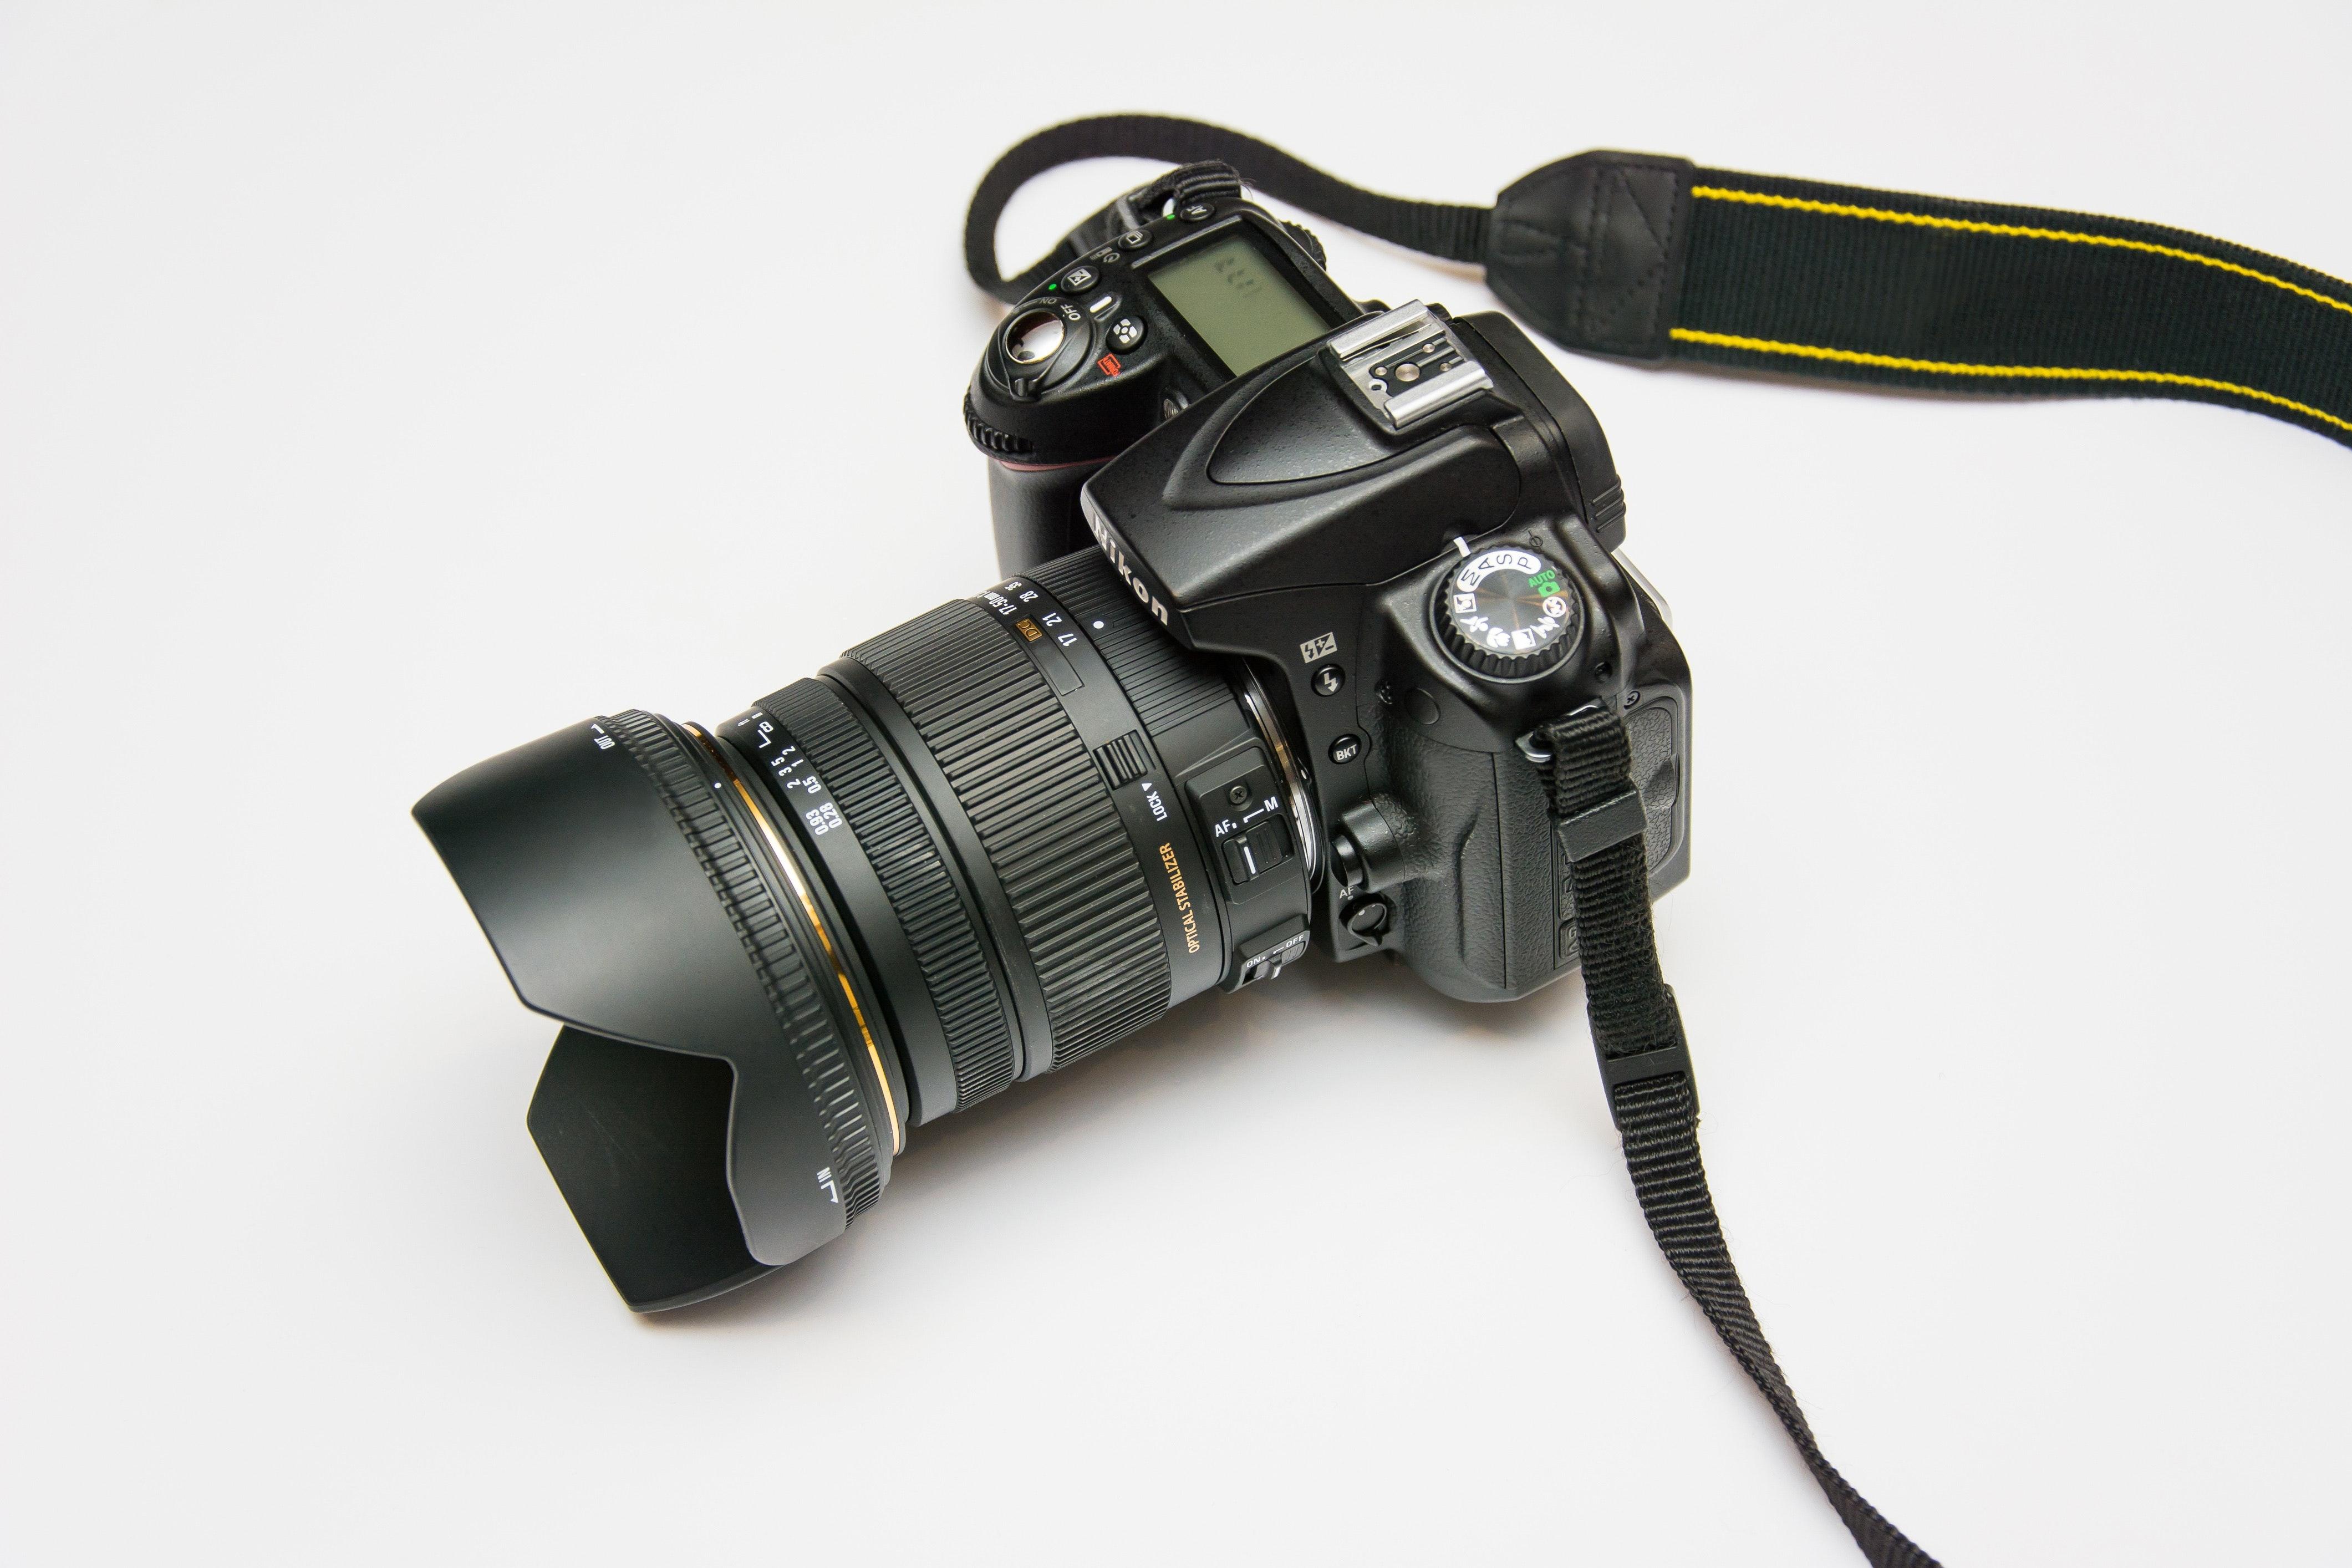 Black Dslr Camera on White Surface, Camera, Dslr, Electronics, Lens, HQ Photo